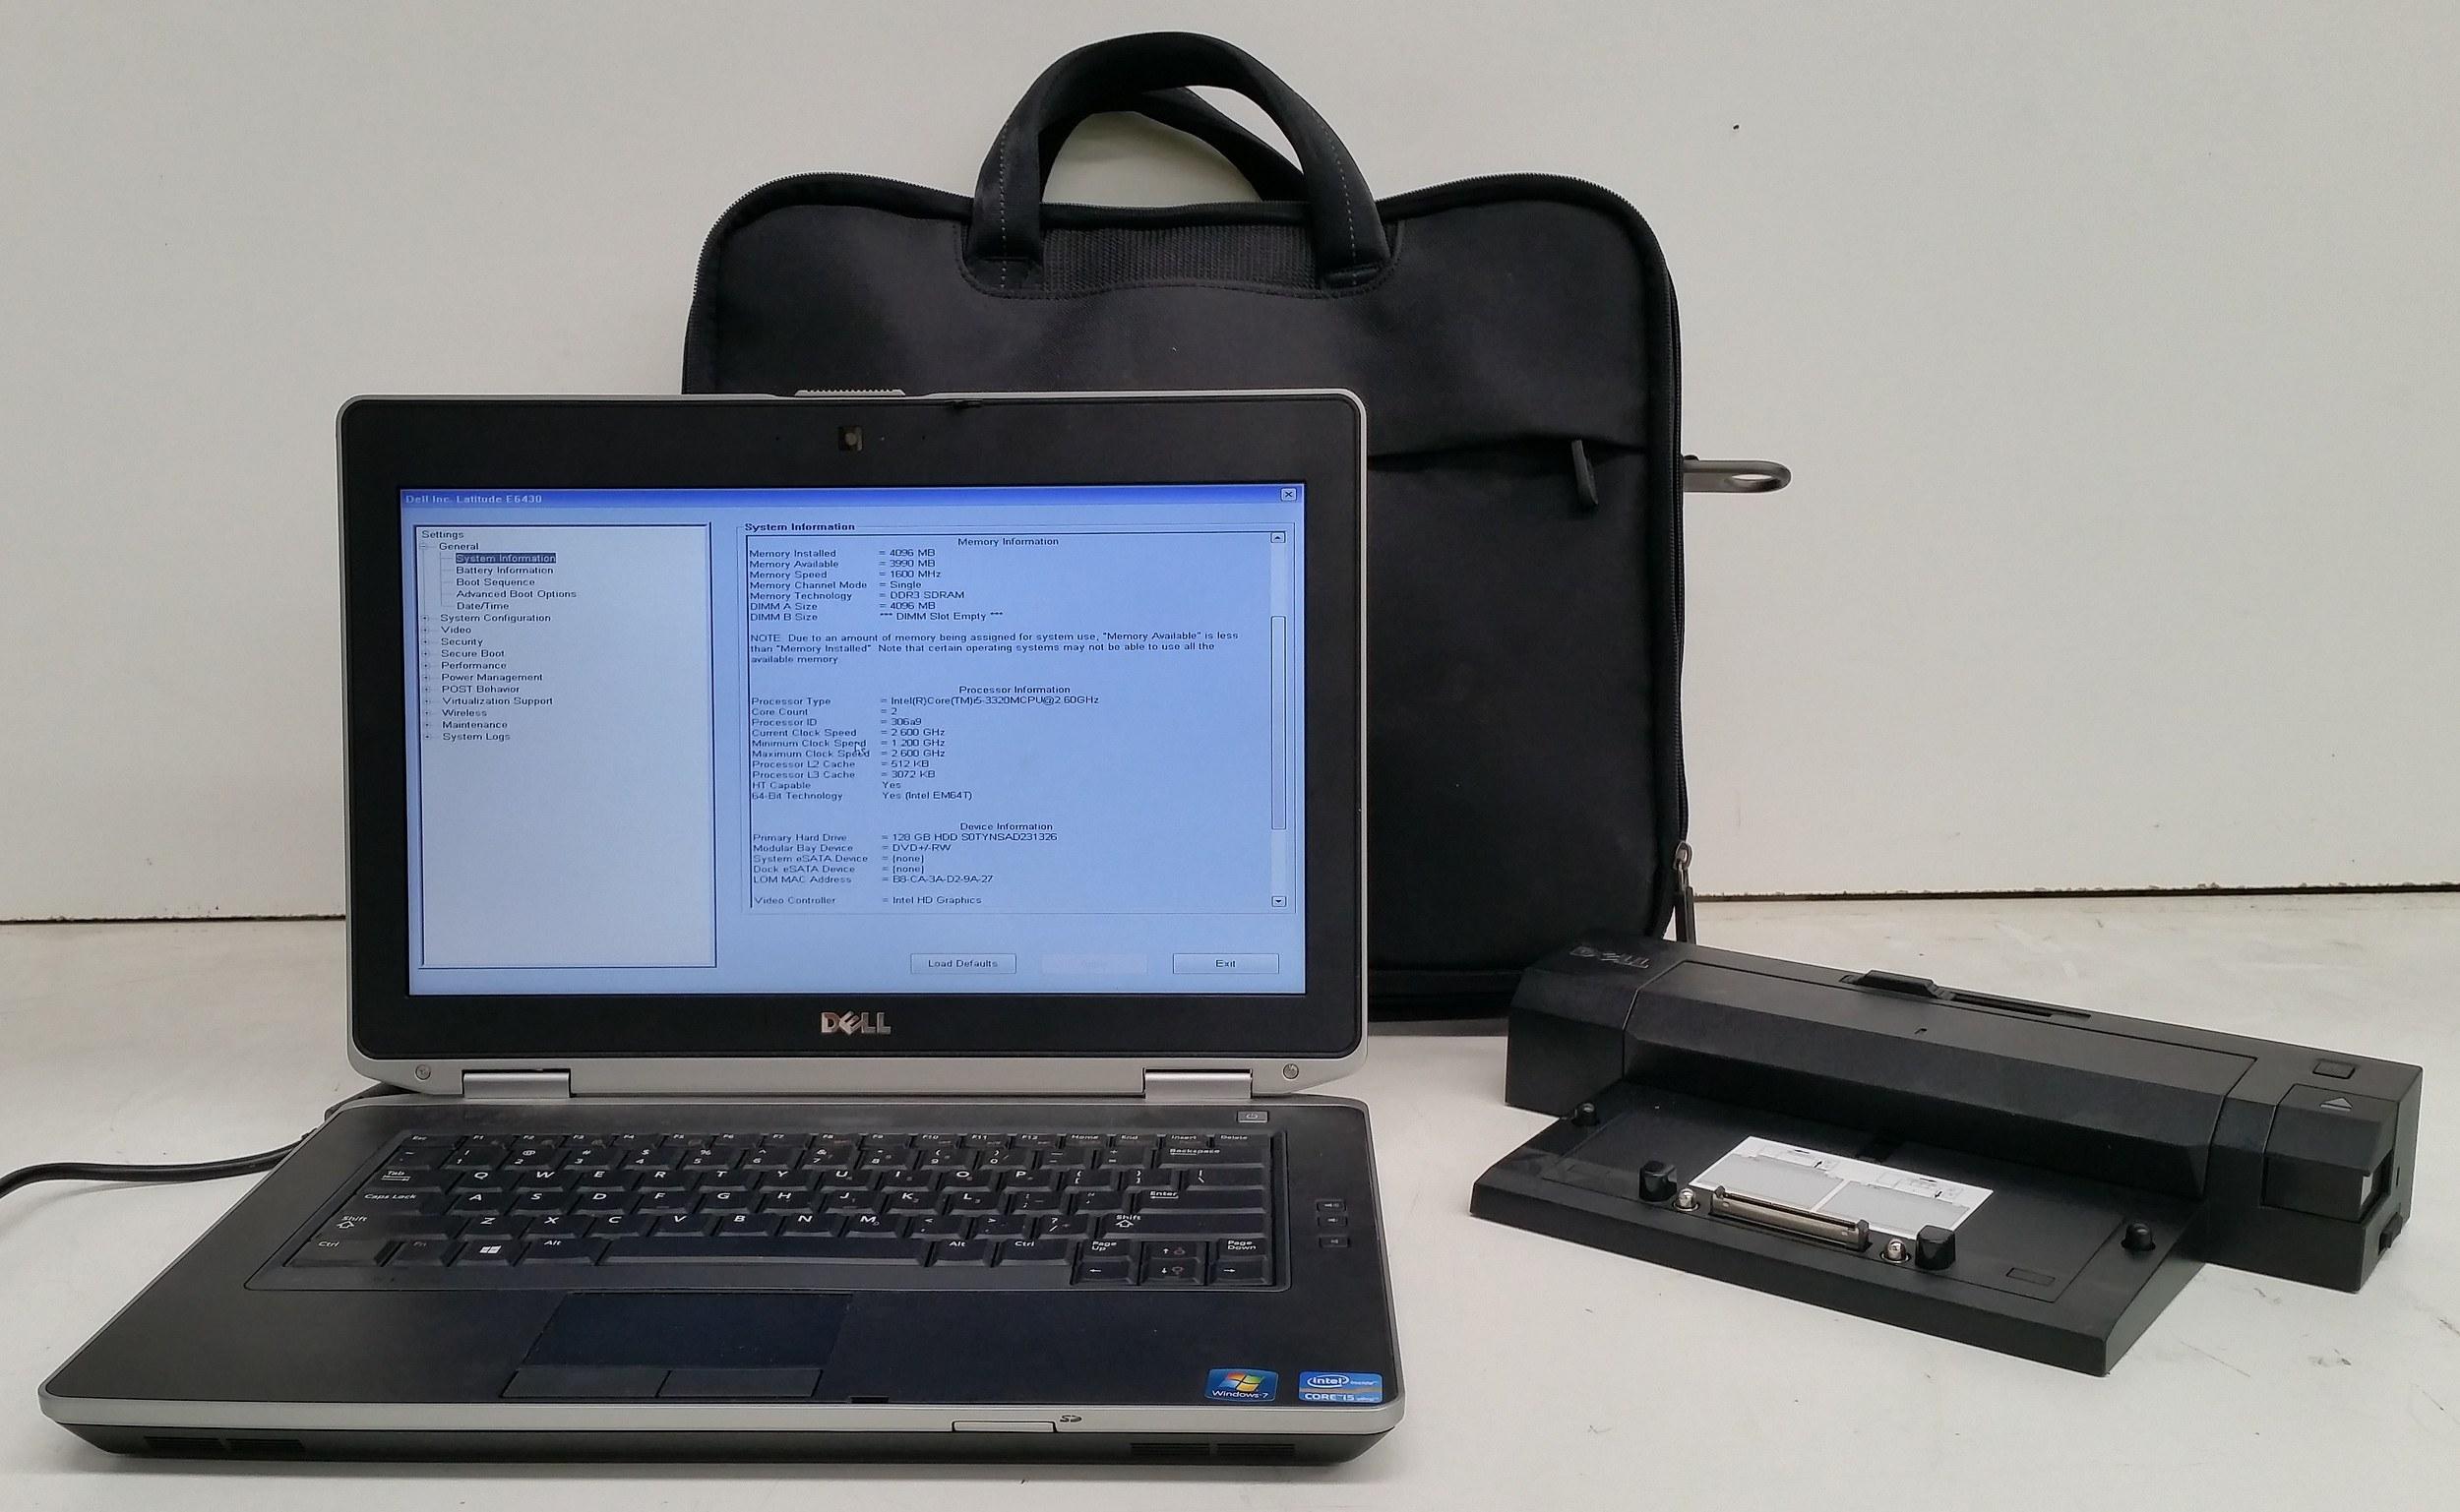 Dell Latitude E6430 14-Inch Core i5 (3320M) 2 60GHz Laptop